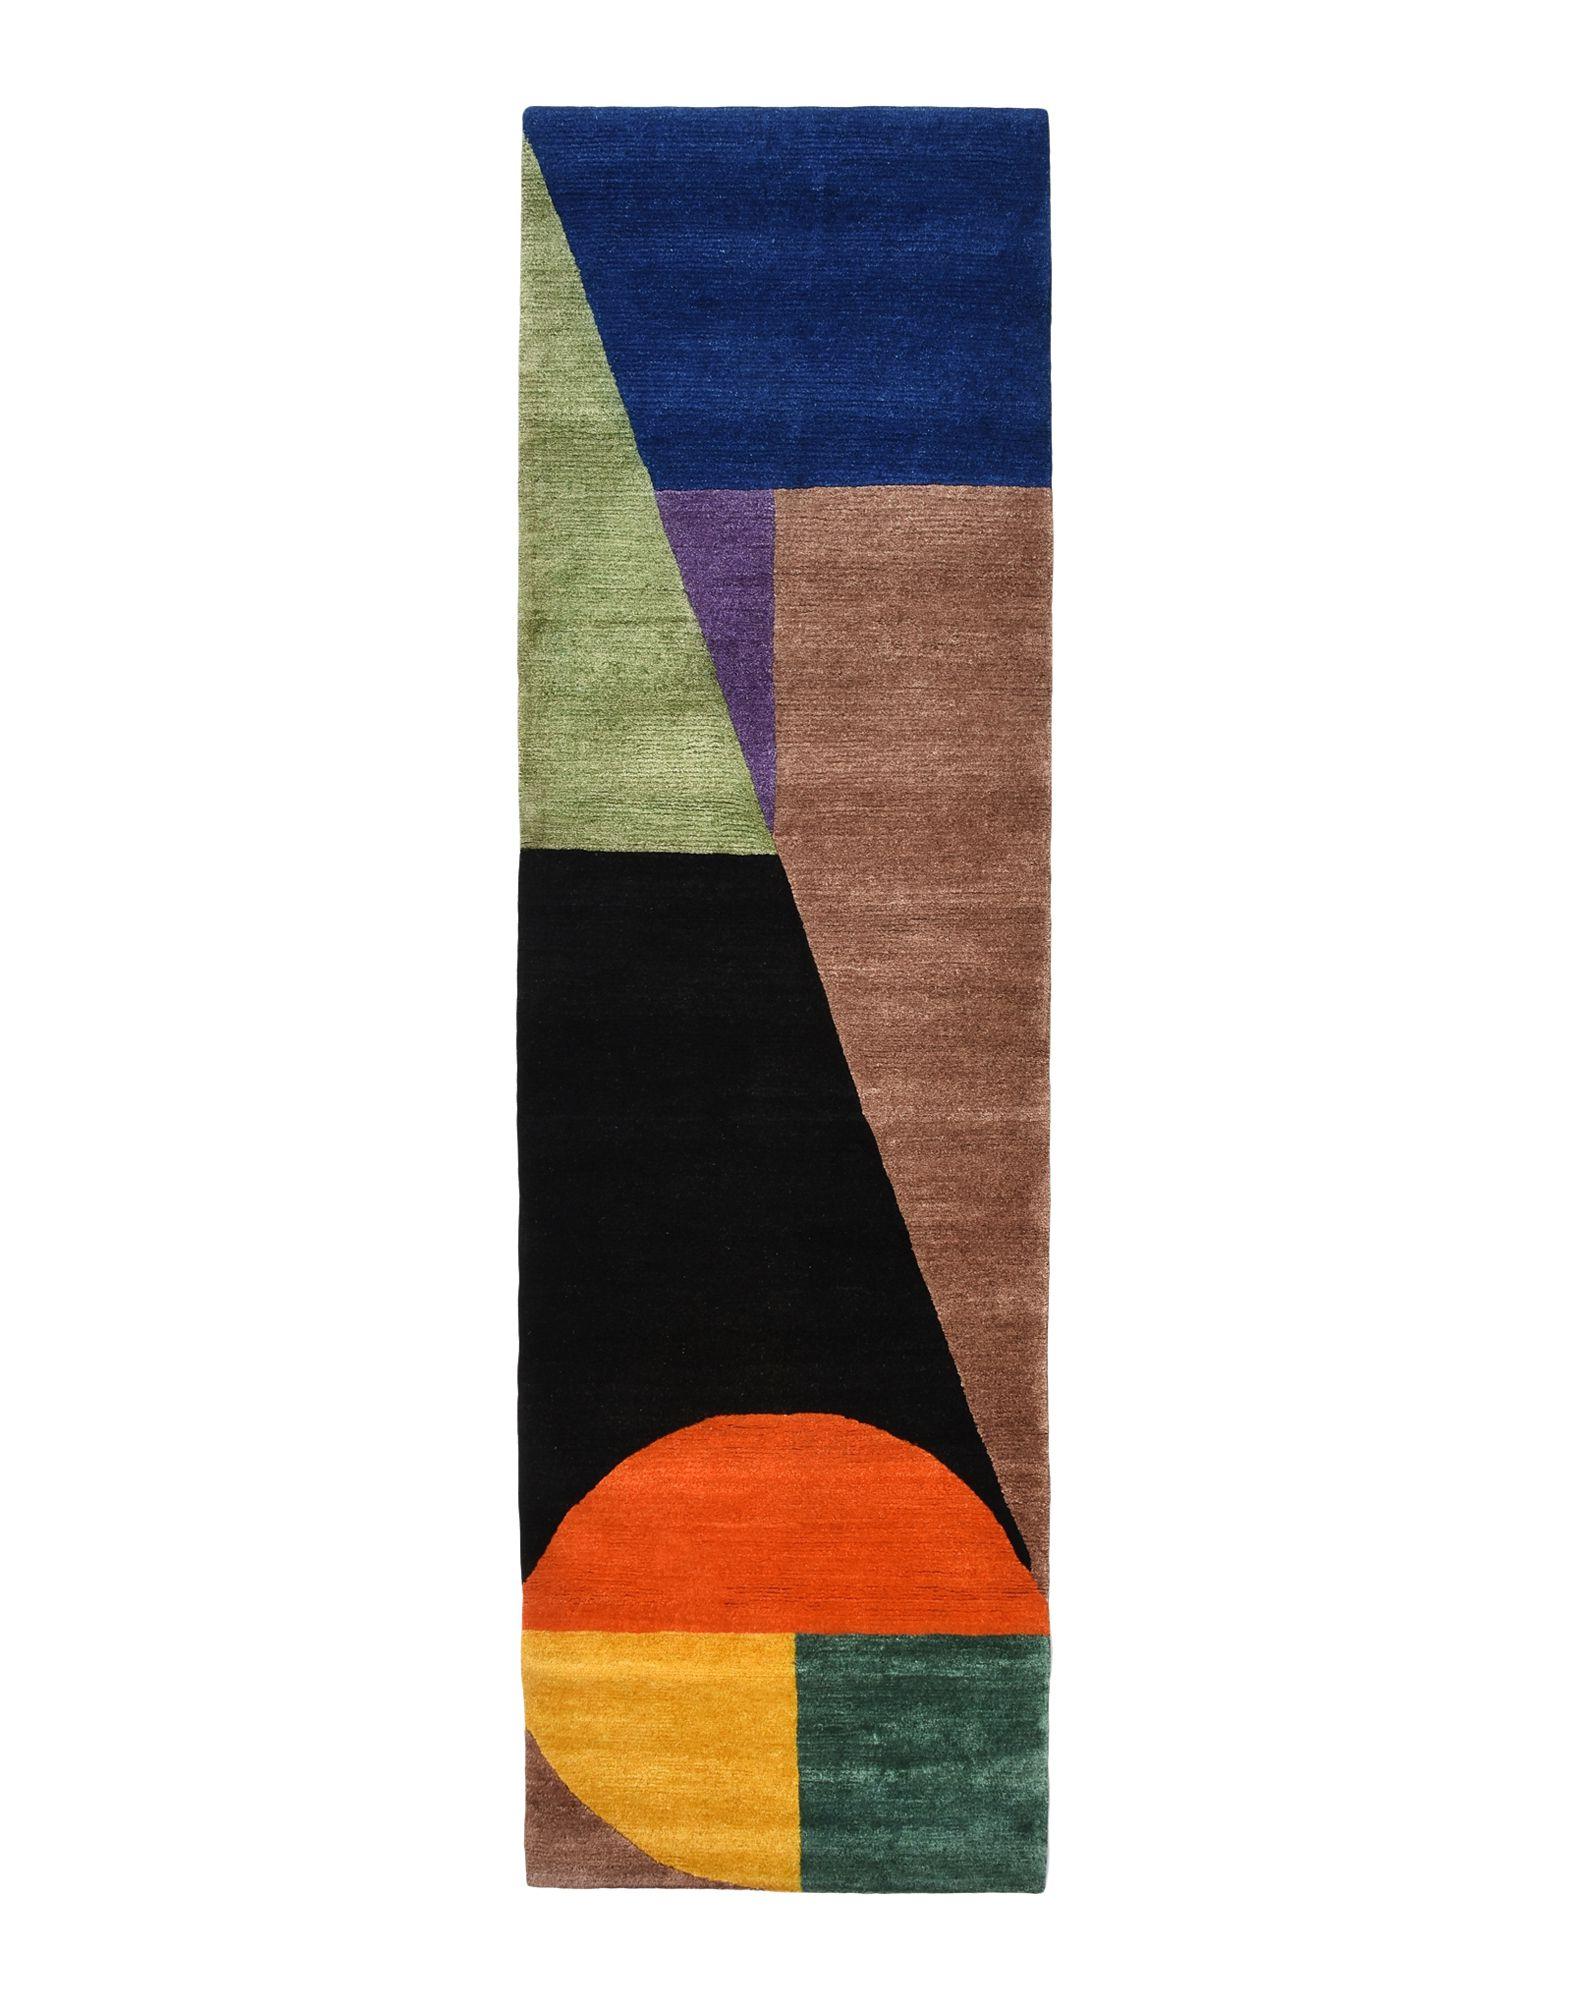 MEMPHIS MILANO Unisex Teppich Farbe (-) Größe 1